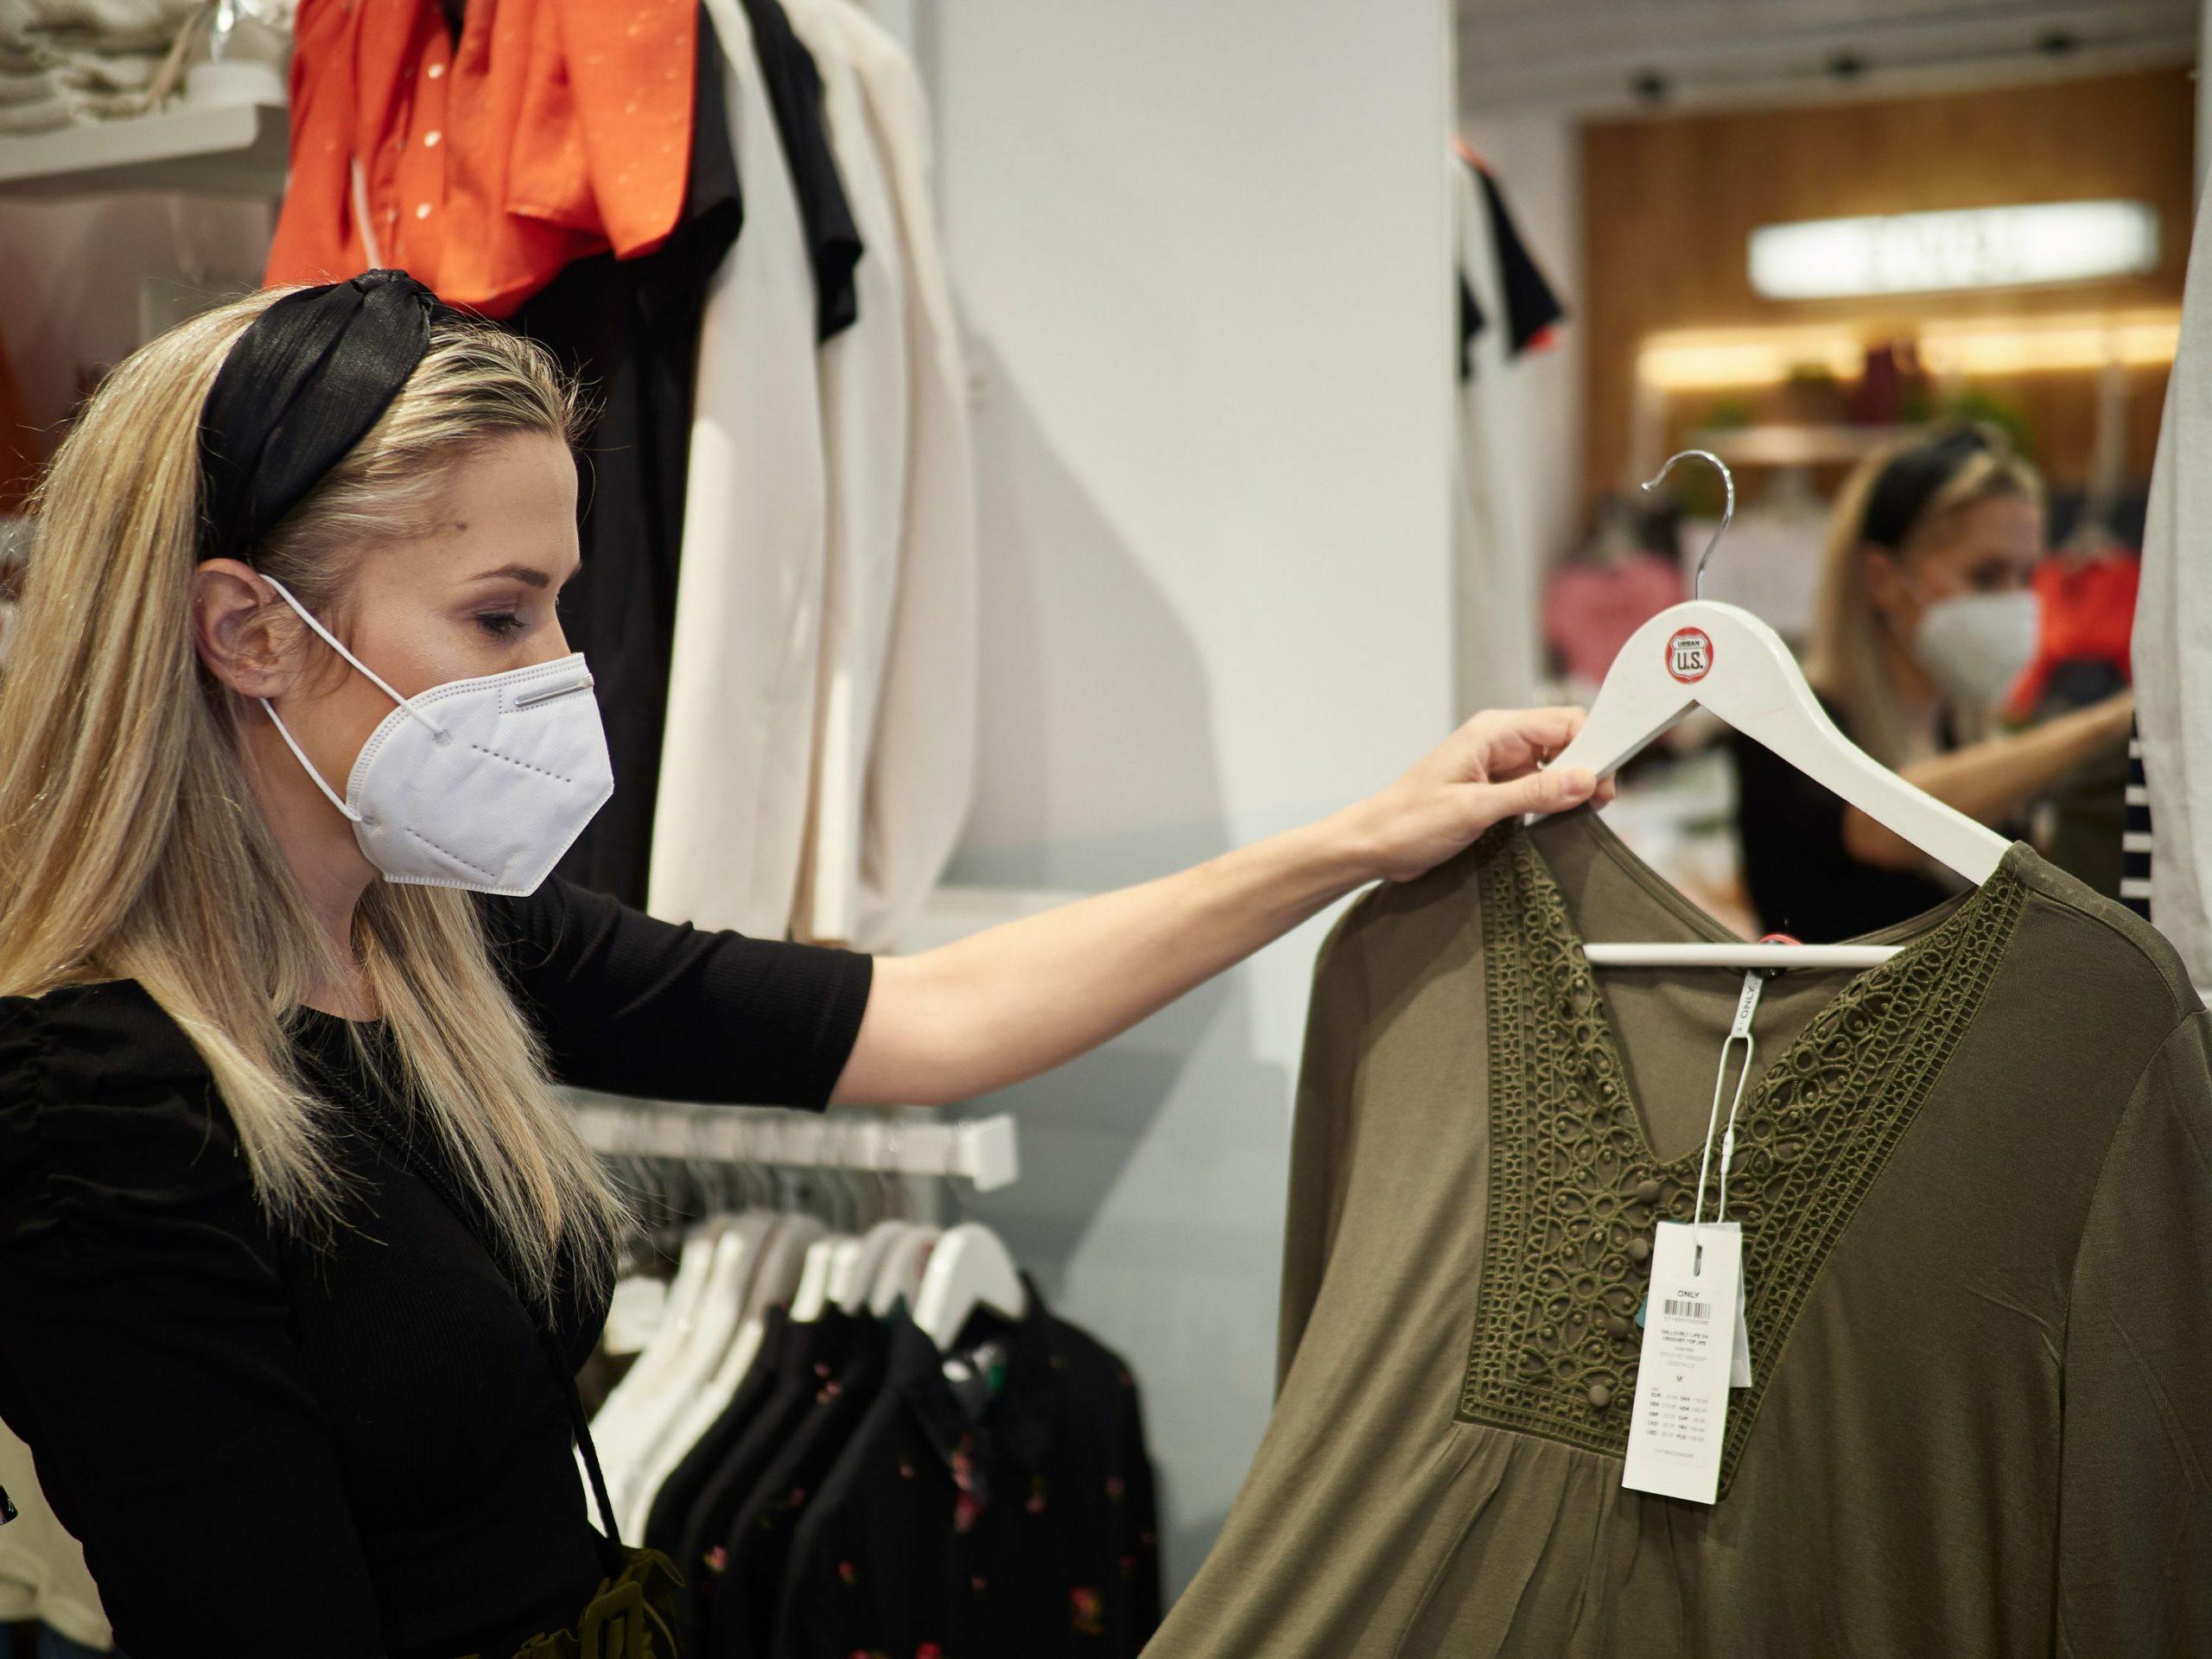 ¿Cómo afecta esta pandemia a la ropa de segunda mano?